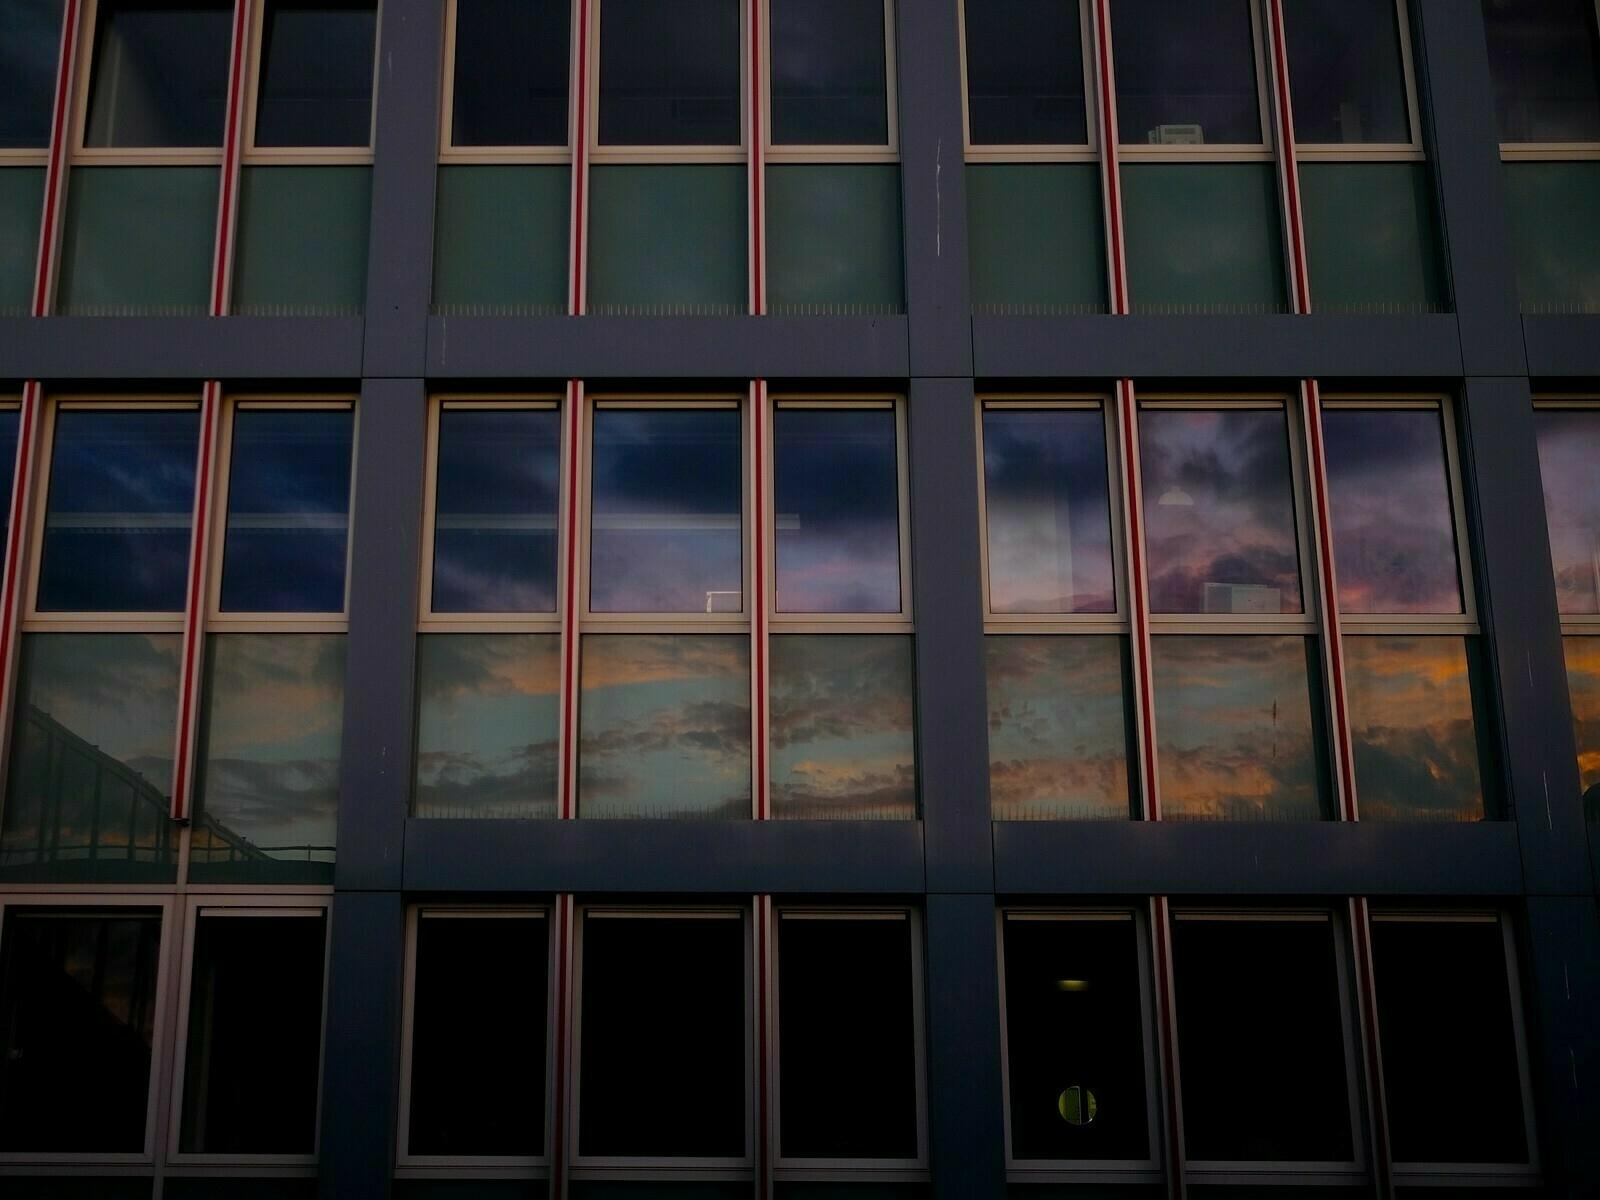 Reflexion im Bürofenster 1